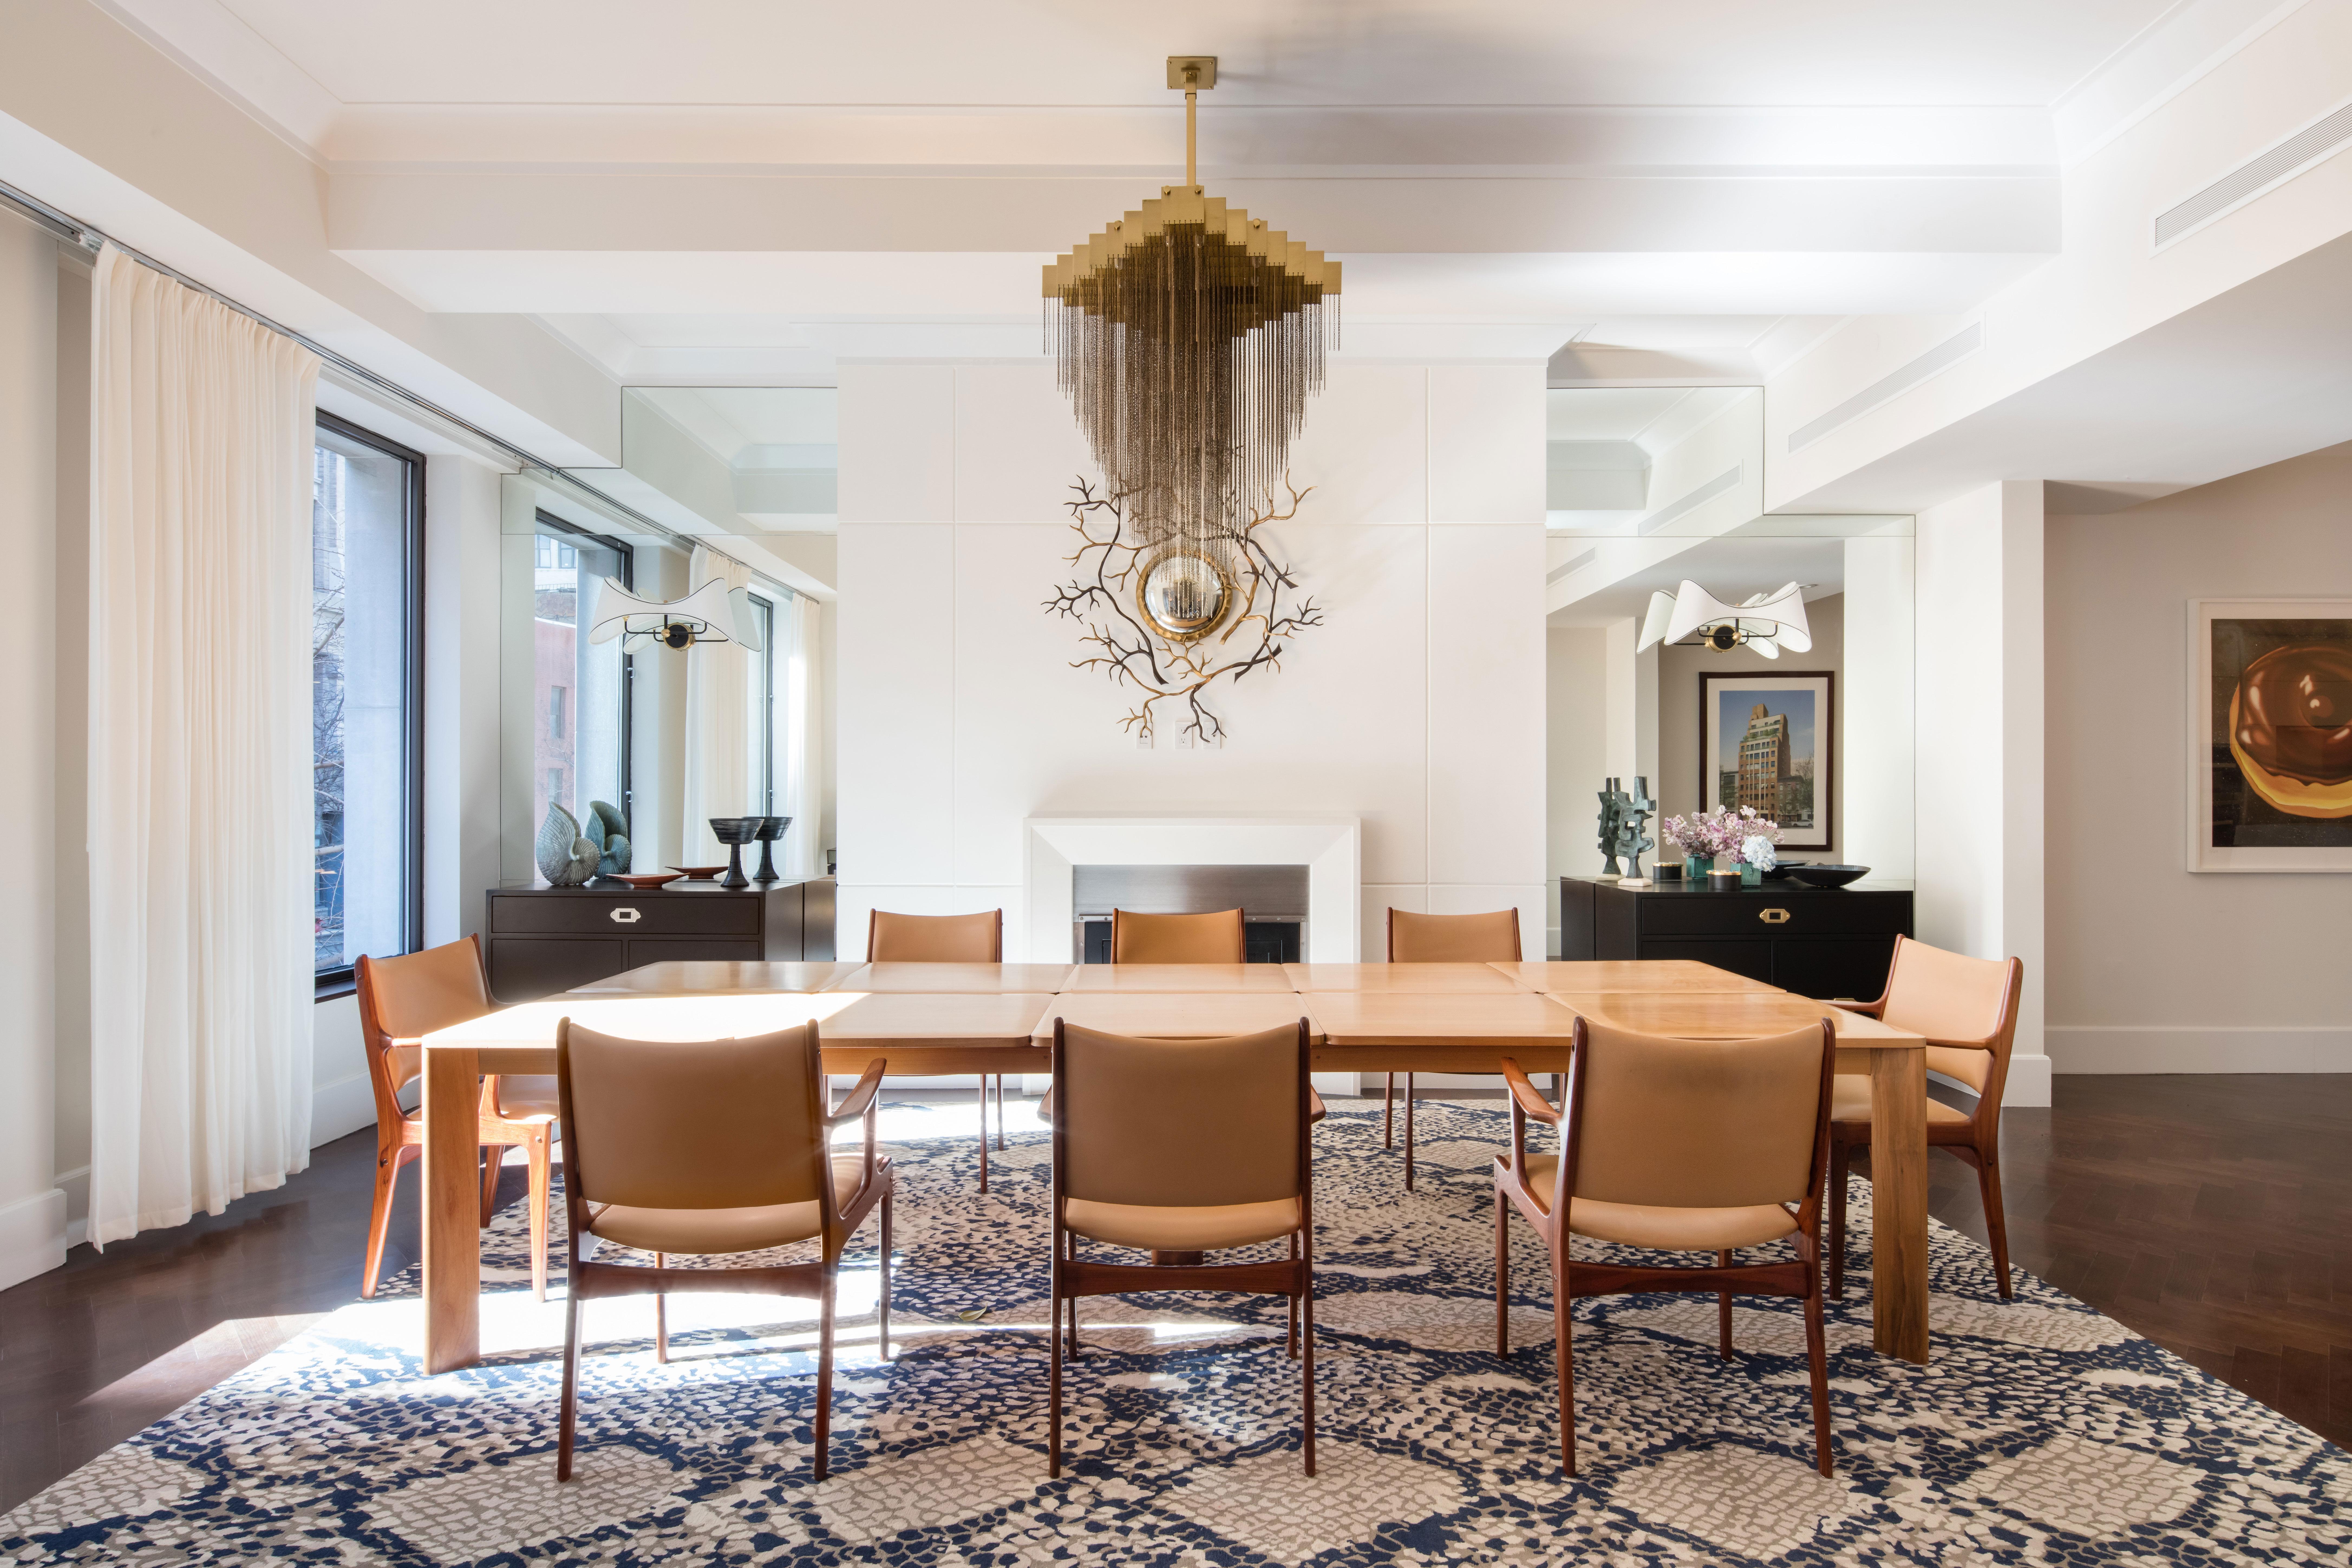 Nicole-Fuller-Interior-Designer-union-square-dining-room-1